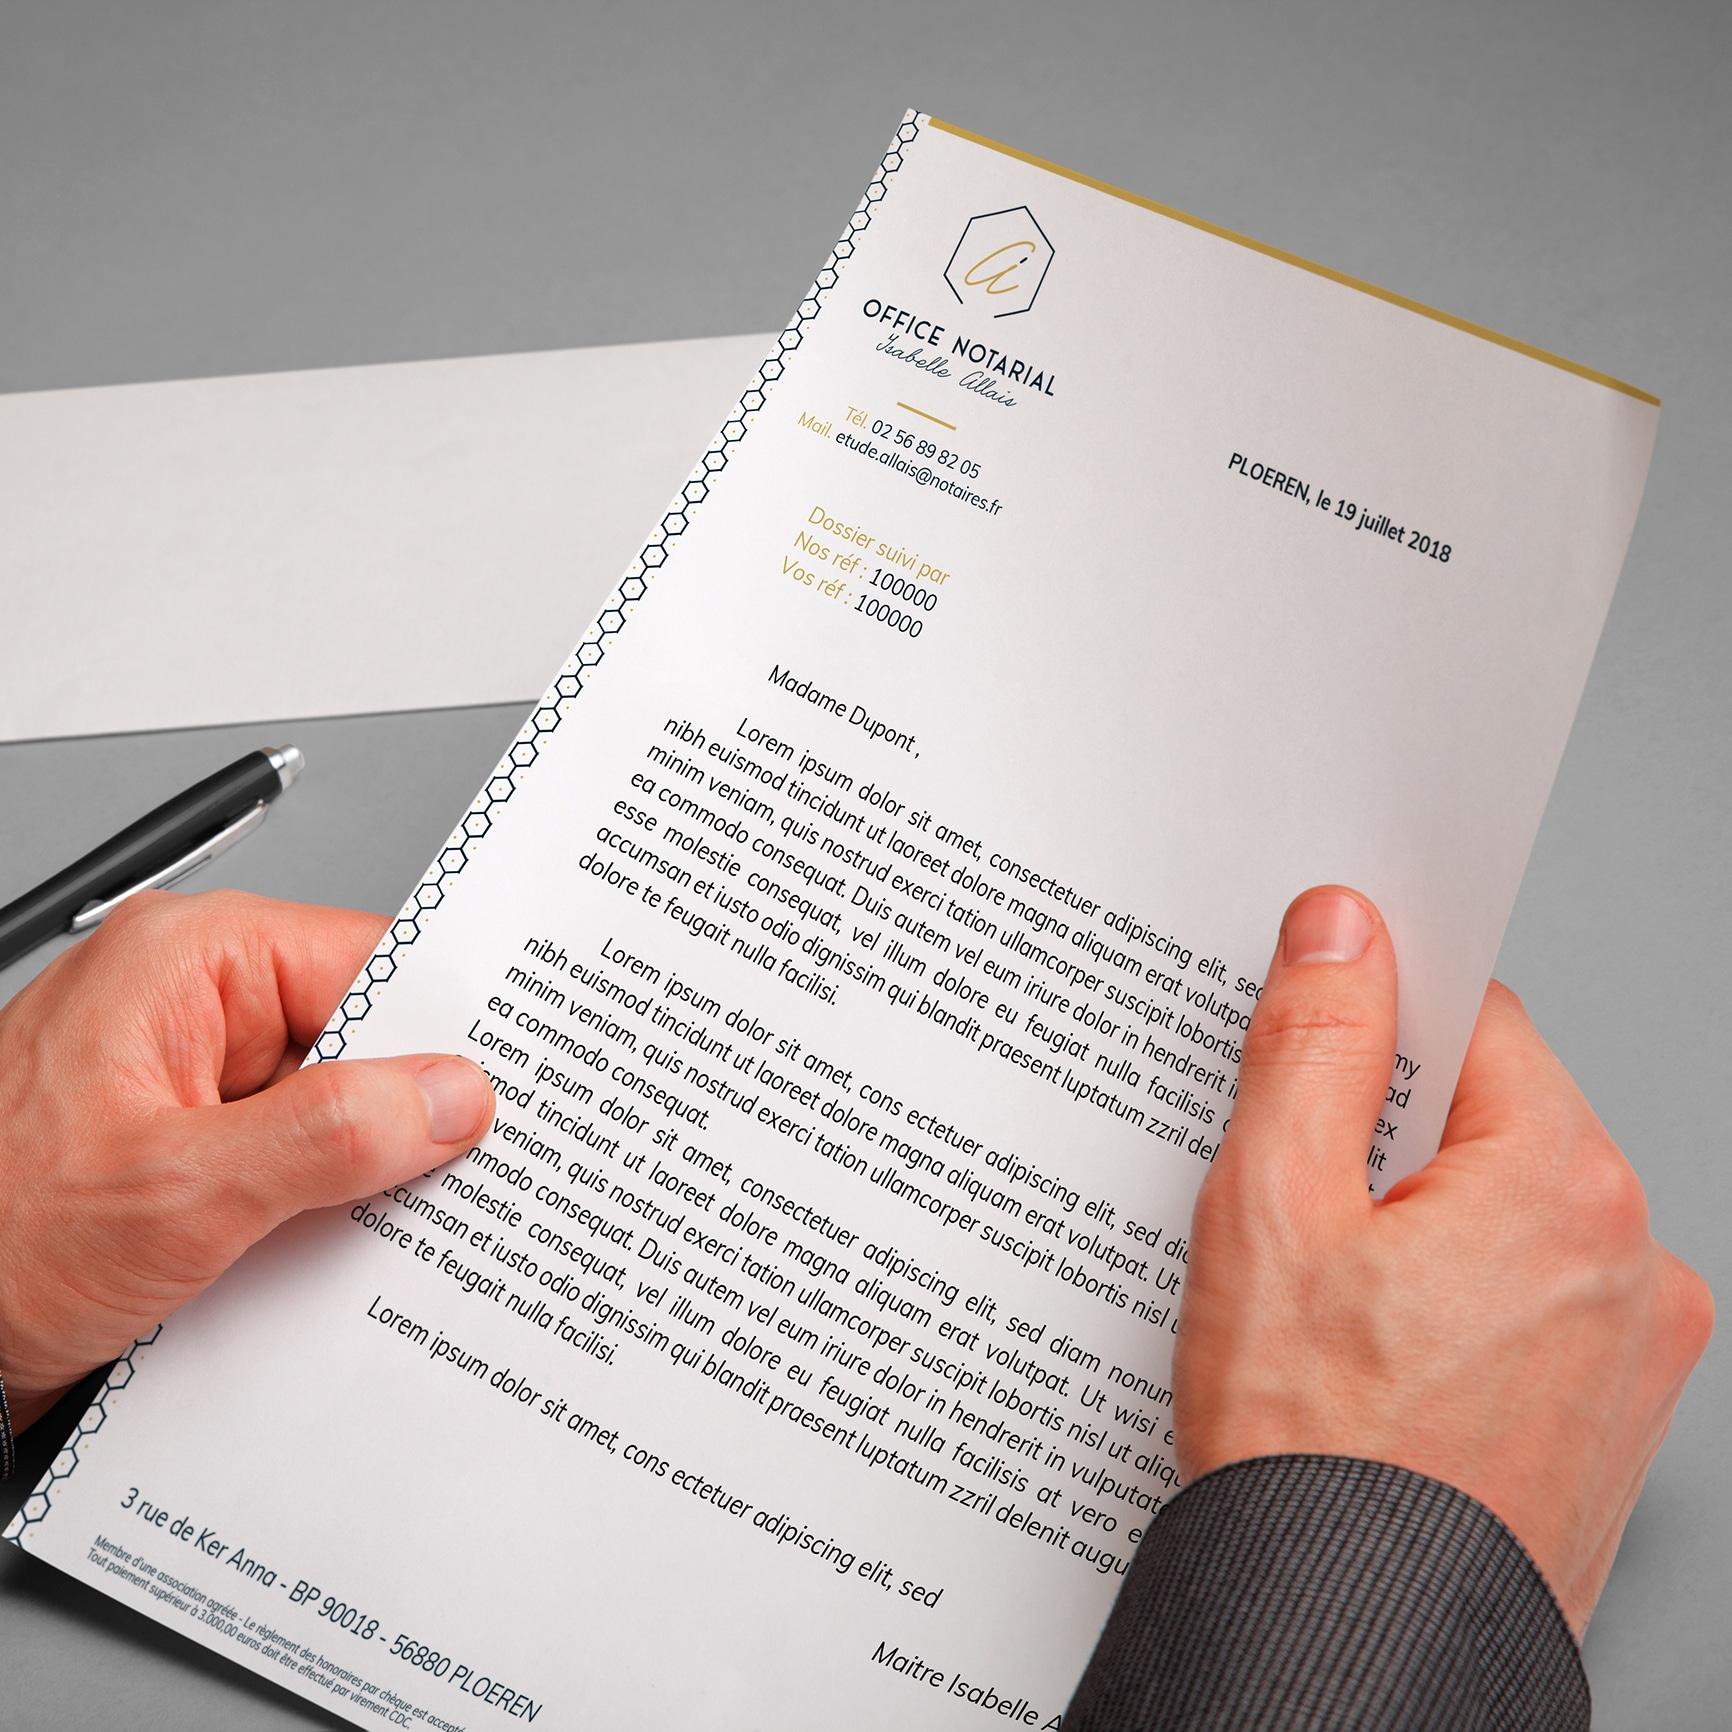 Tête de lettre office notarial isabelle Allais